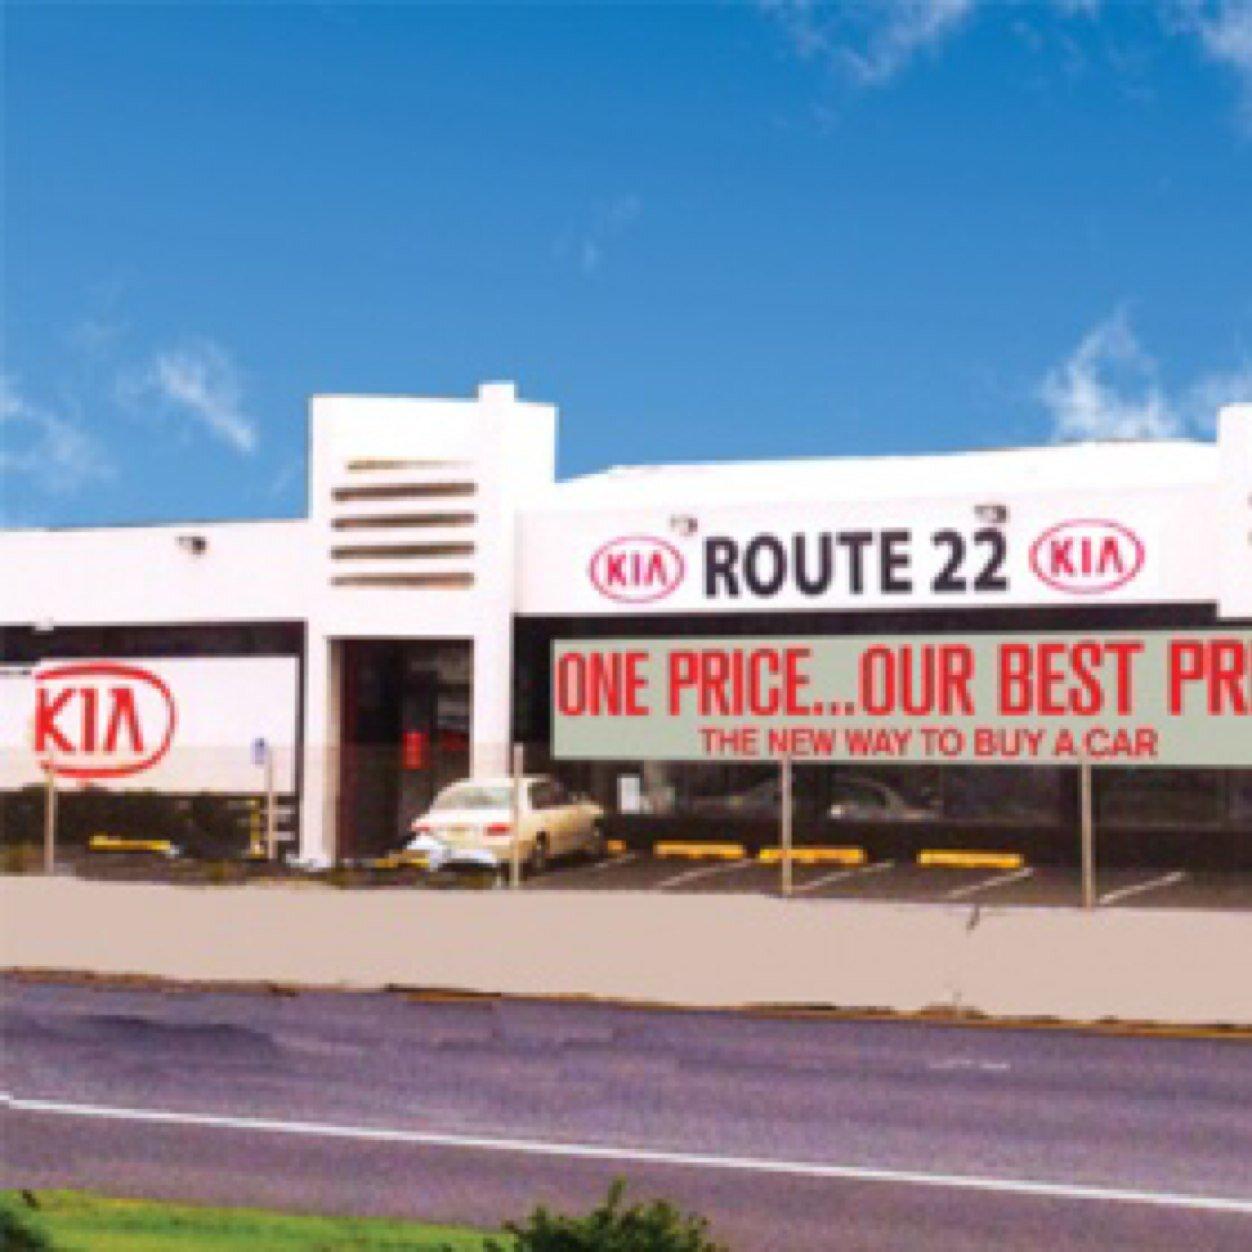 route 22 kia (@kiaroute22) | twitter